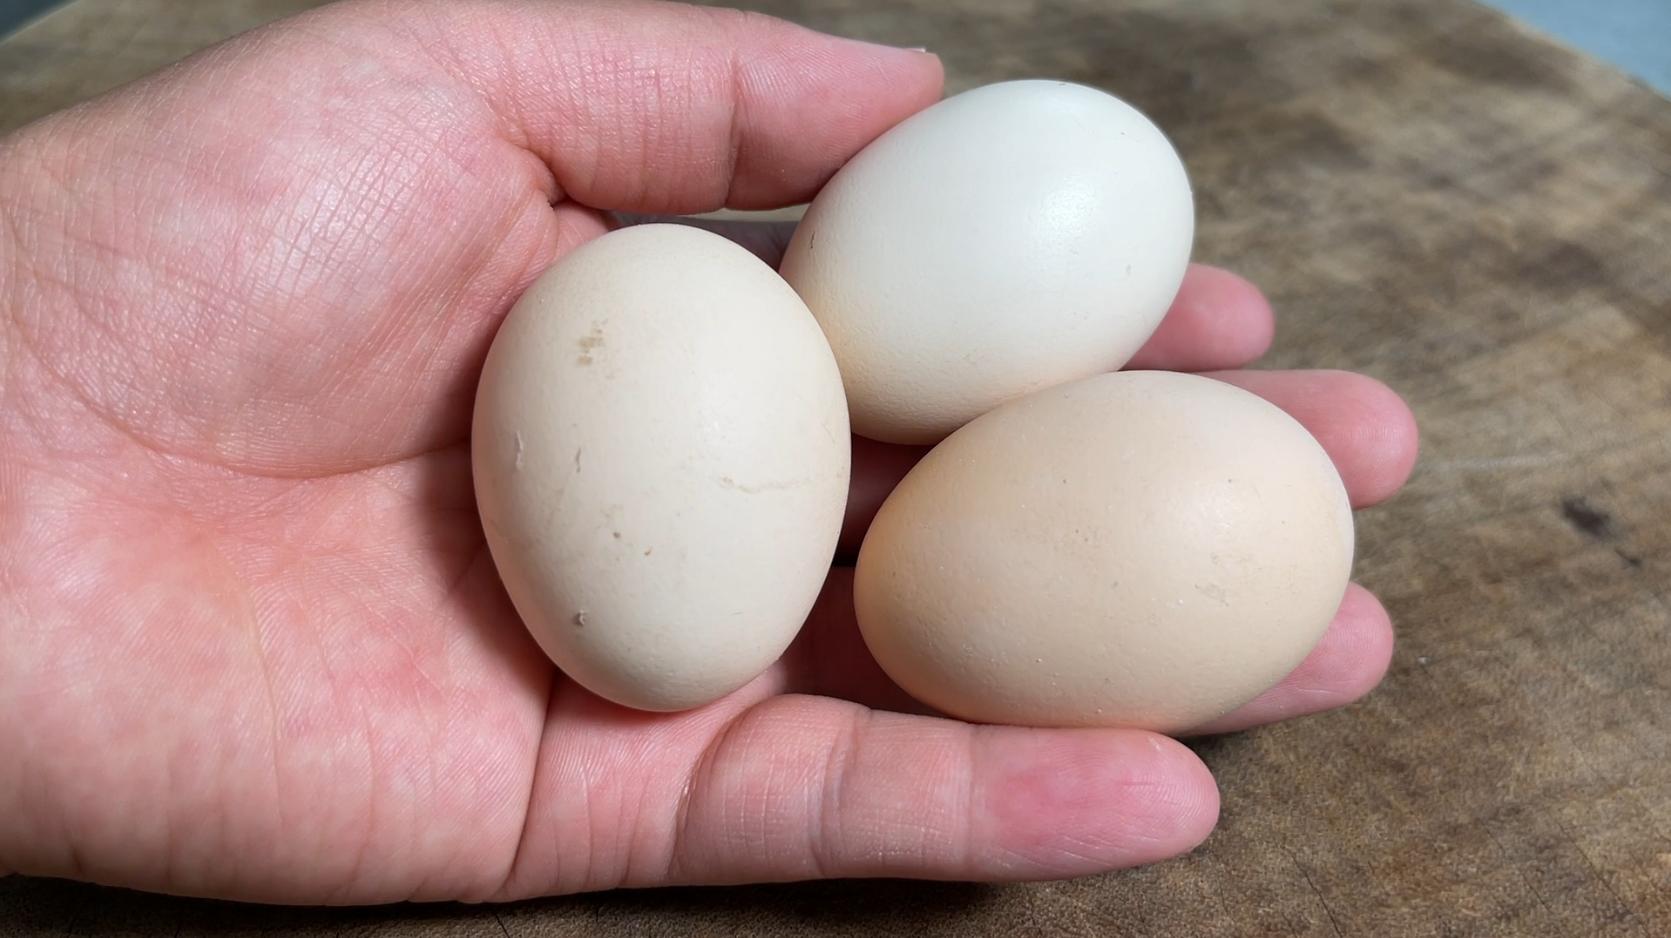 蒸鸡蛋羹,别只会加水蒸,多加这一步,出锅像豆腐脑一样嫩